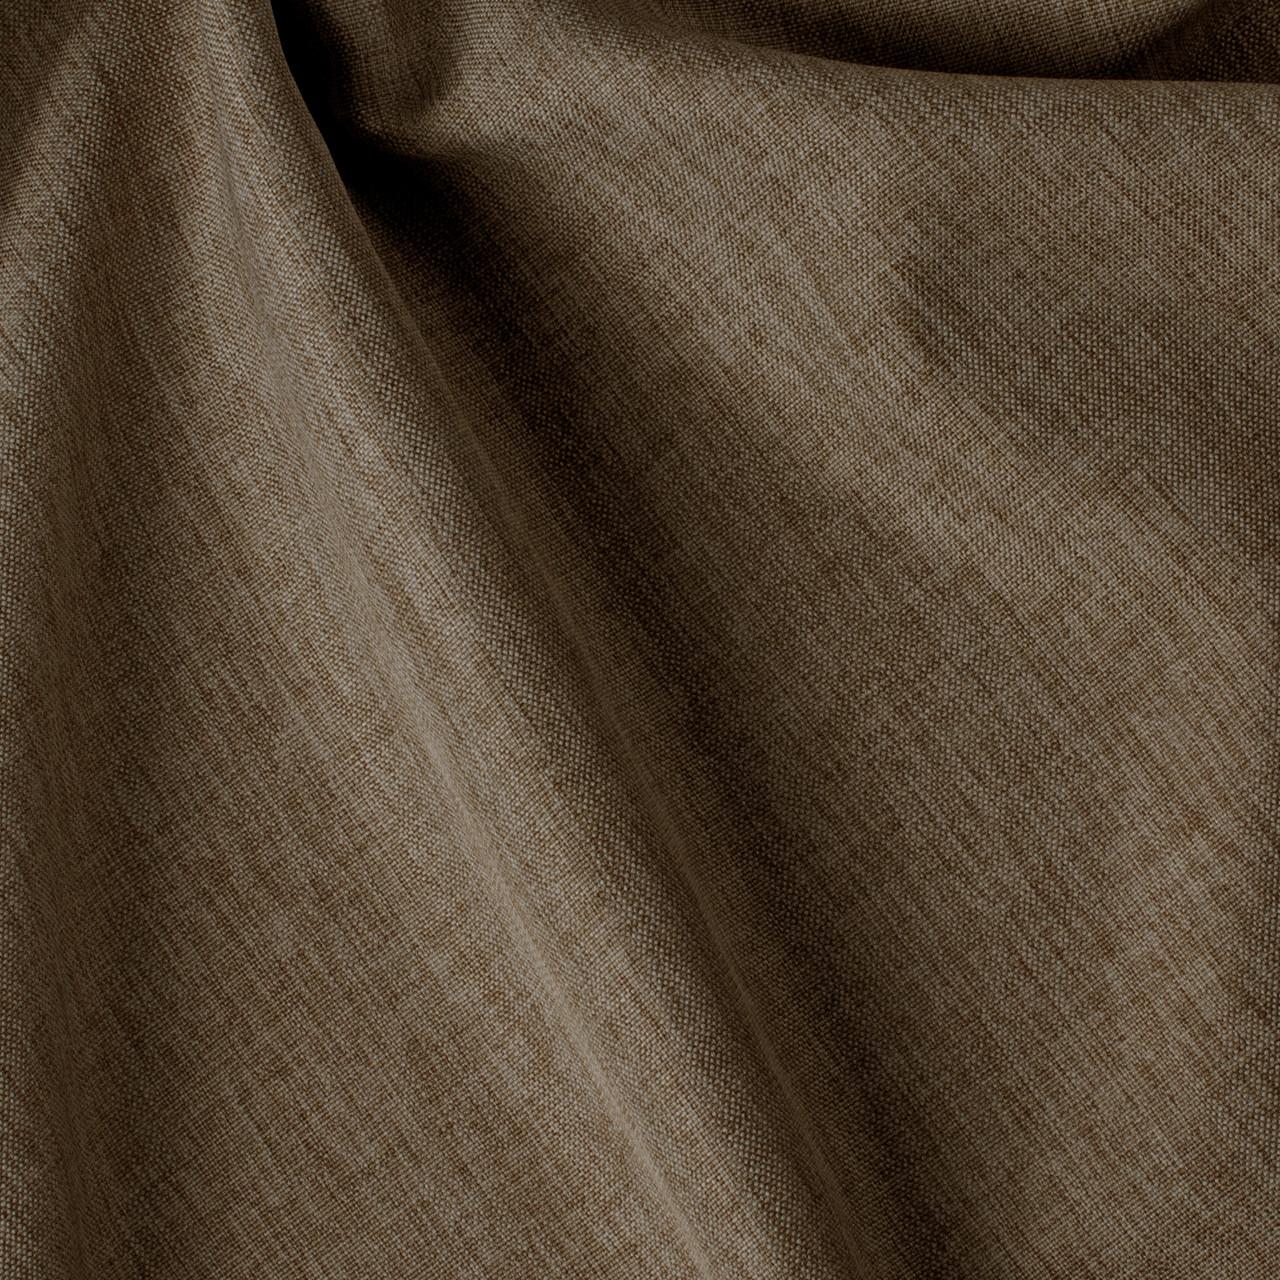 Декоративна однотонна тканина коричневого кольору Туреччина 84475v30